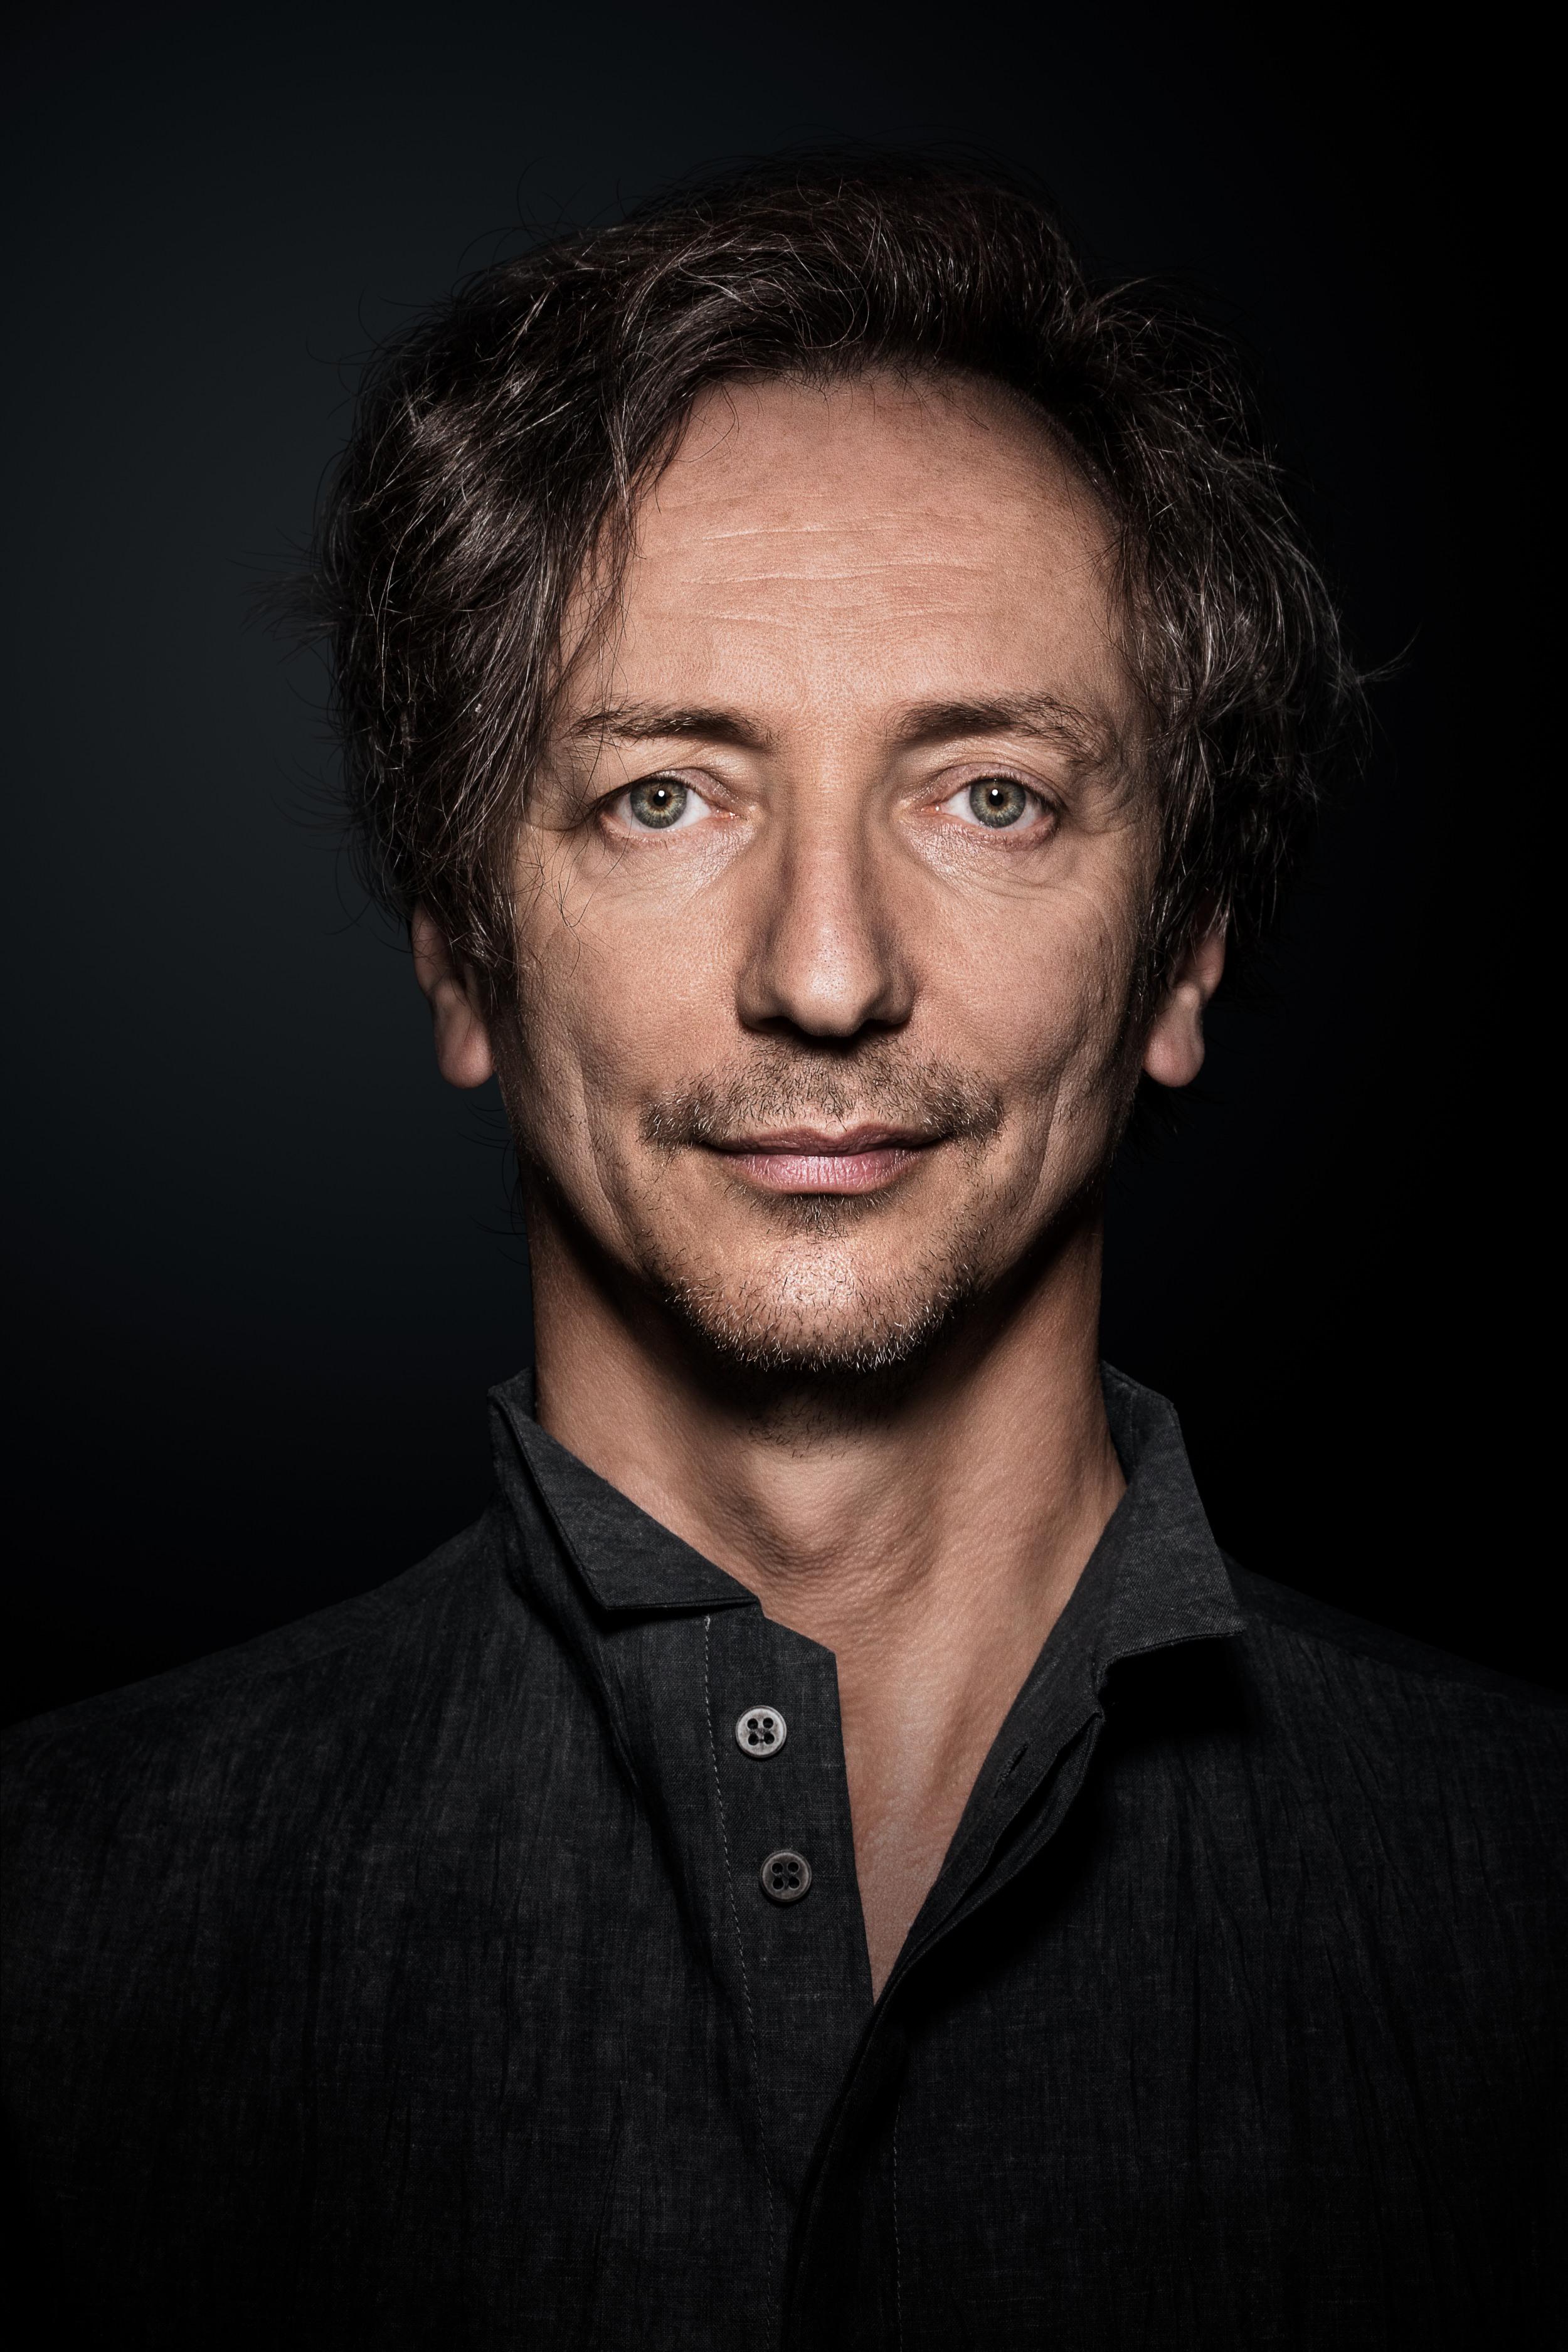 <p>Der Komponist und Pianist Volker Bertelmann, bekannt unter seinem Künstlernamen Hauschka</p>